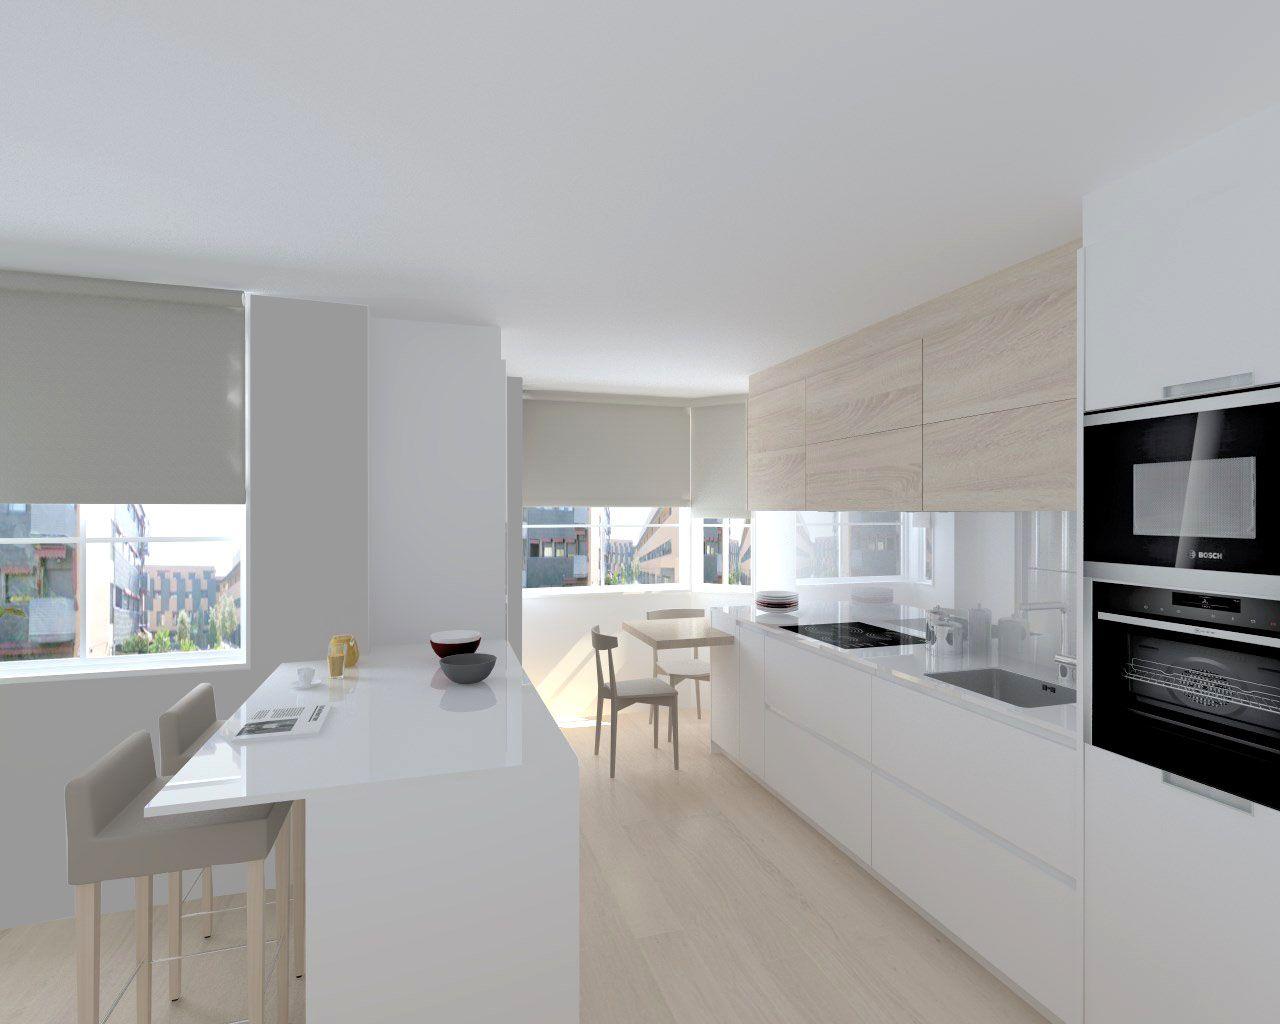 Cocina santos modelo line estratificado blanco roble for Cocinas claras modernas